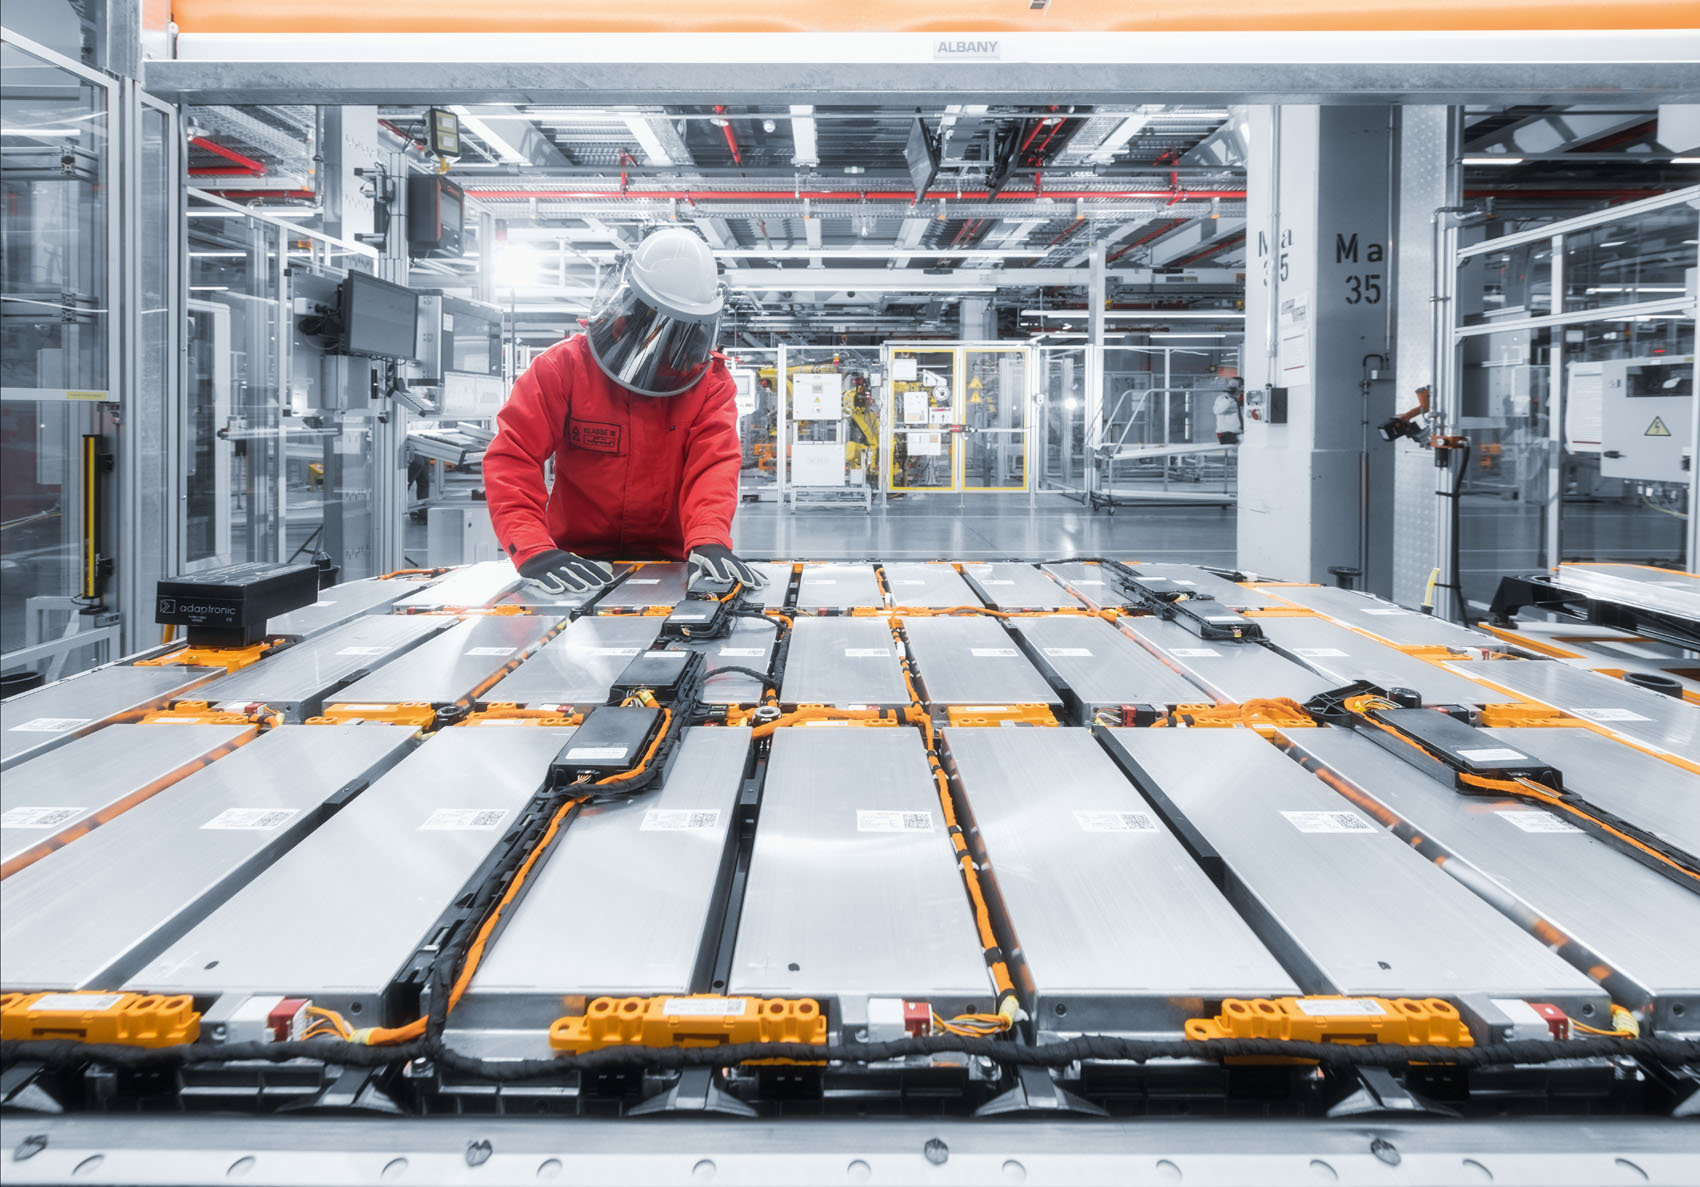 Attention haute tension: Les équipements de sécurité protègent le personnel en milieu haute tension. (Stefan Warter)